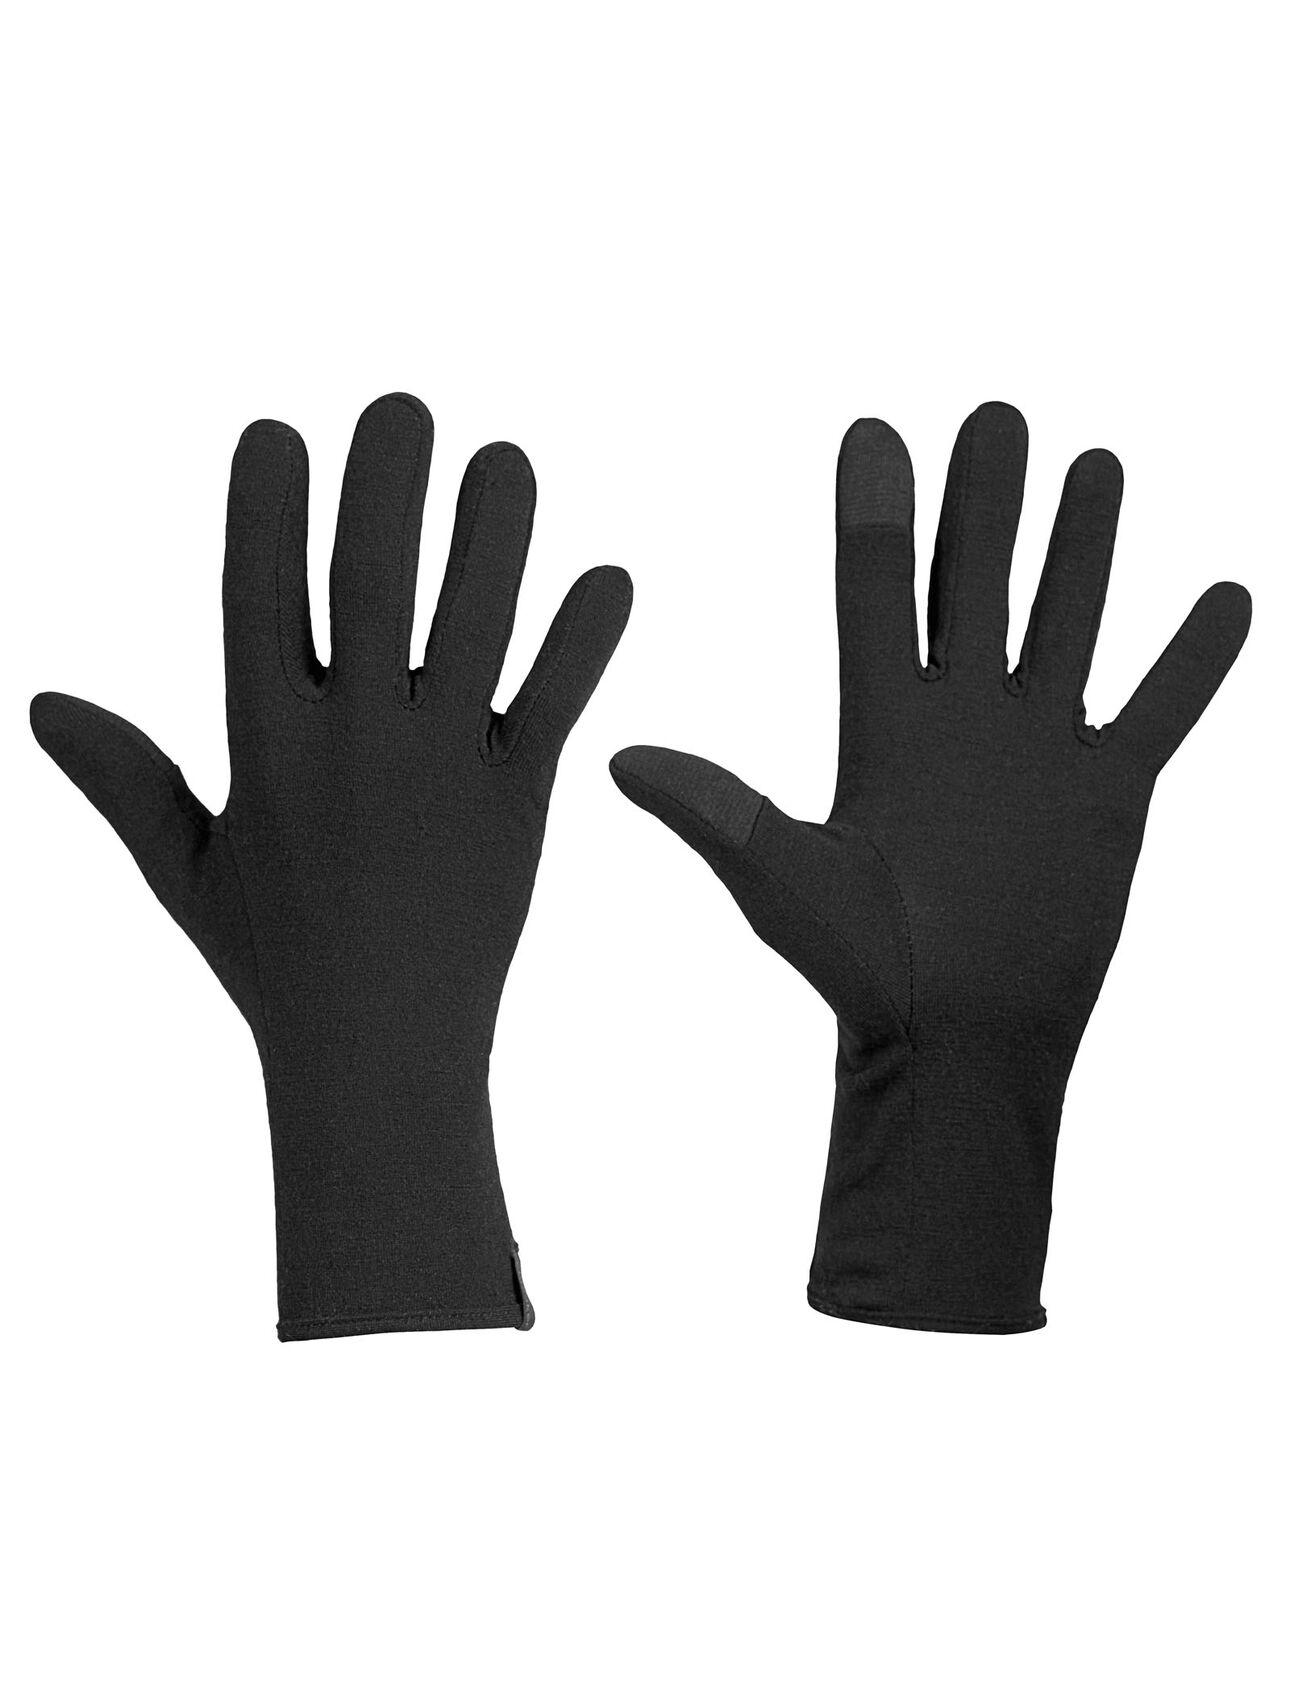 Merino 260 Tech Glove Liners